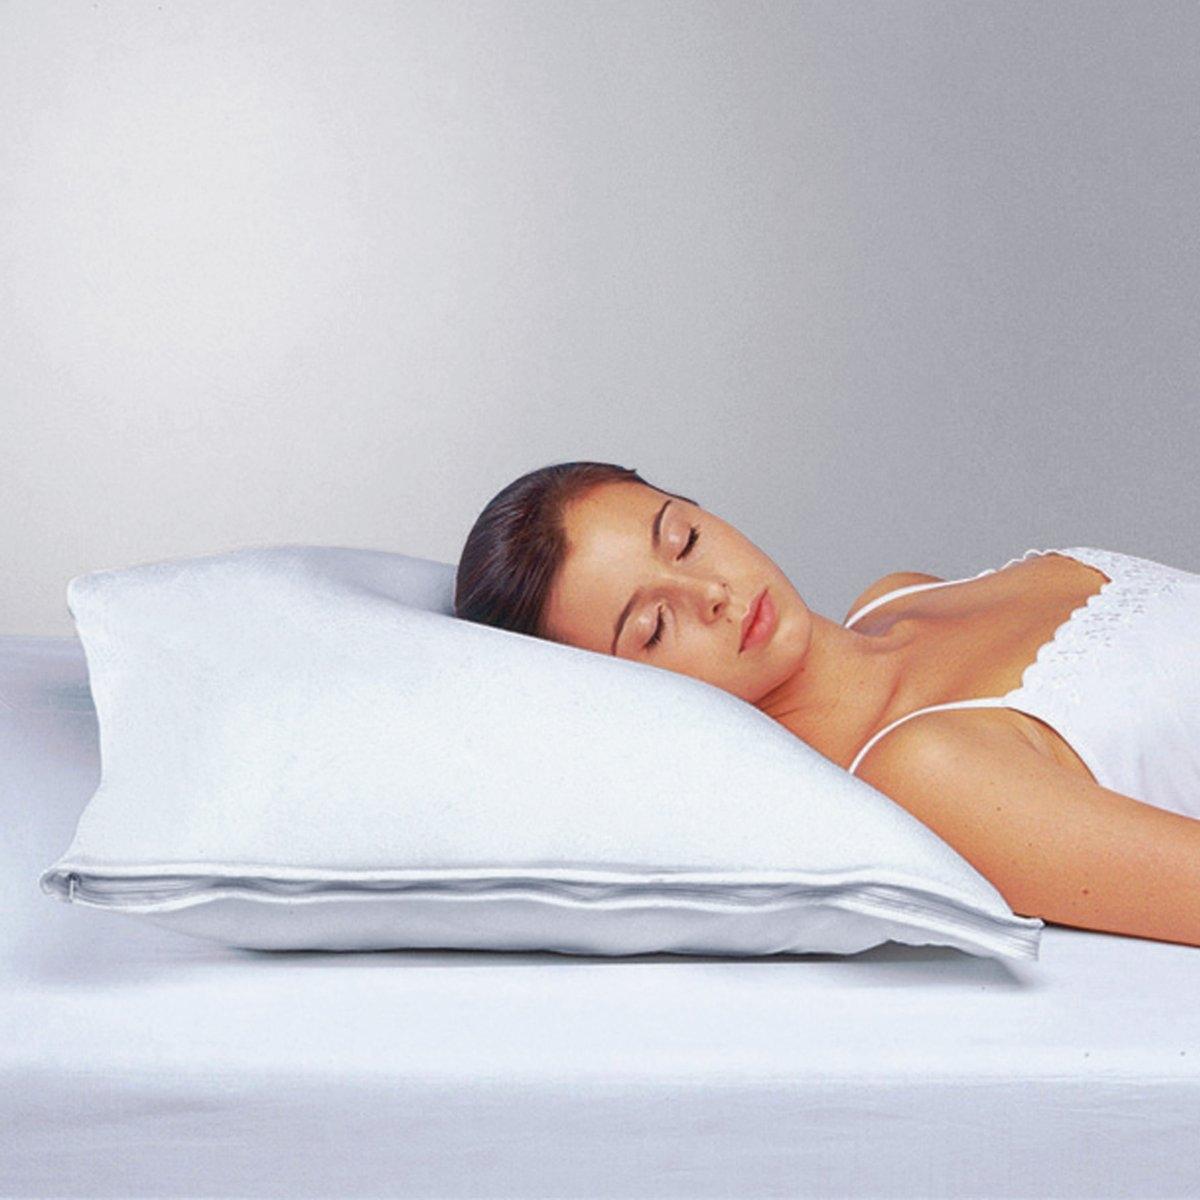 Подушка упругая :Результат работы кинезиотерапевтов : подушка повторяет изгиб шеи благодаря эргономичному чехлу из 100% хлопка с основой-валиком (5 см) из упругого пеноматериала.      Эффективно распределяет давление и вытягивает позвоночник, позвляя максимально расслабиться.      Облегчает мигрень, артроз, ревматические боли и боли в шейном отделе позвоночника.Наполнитель: хлопья полиэстера.Машинная стирка при 40 °С.<br><br>Цвет: белый